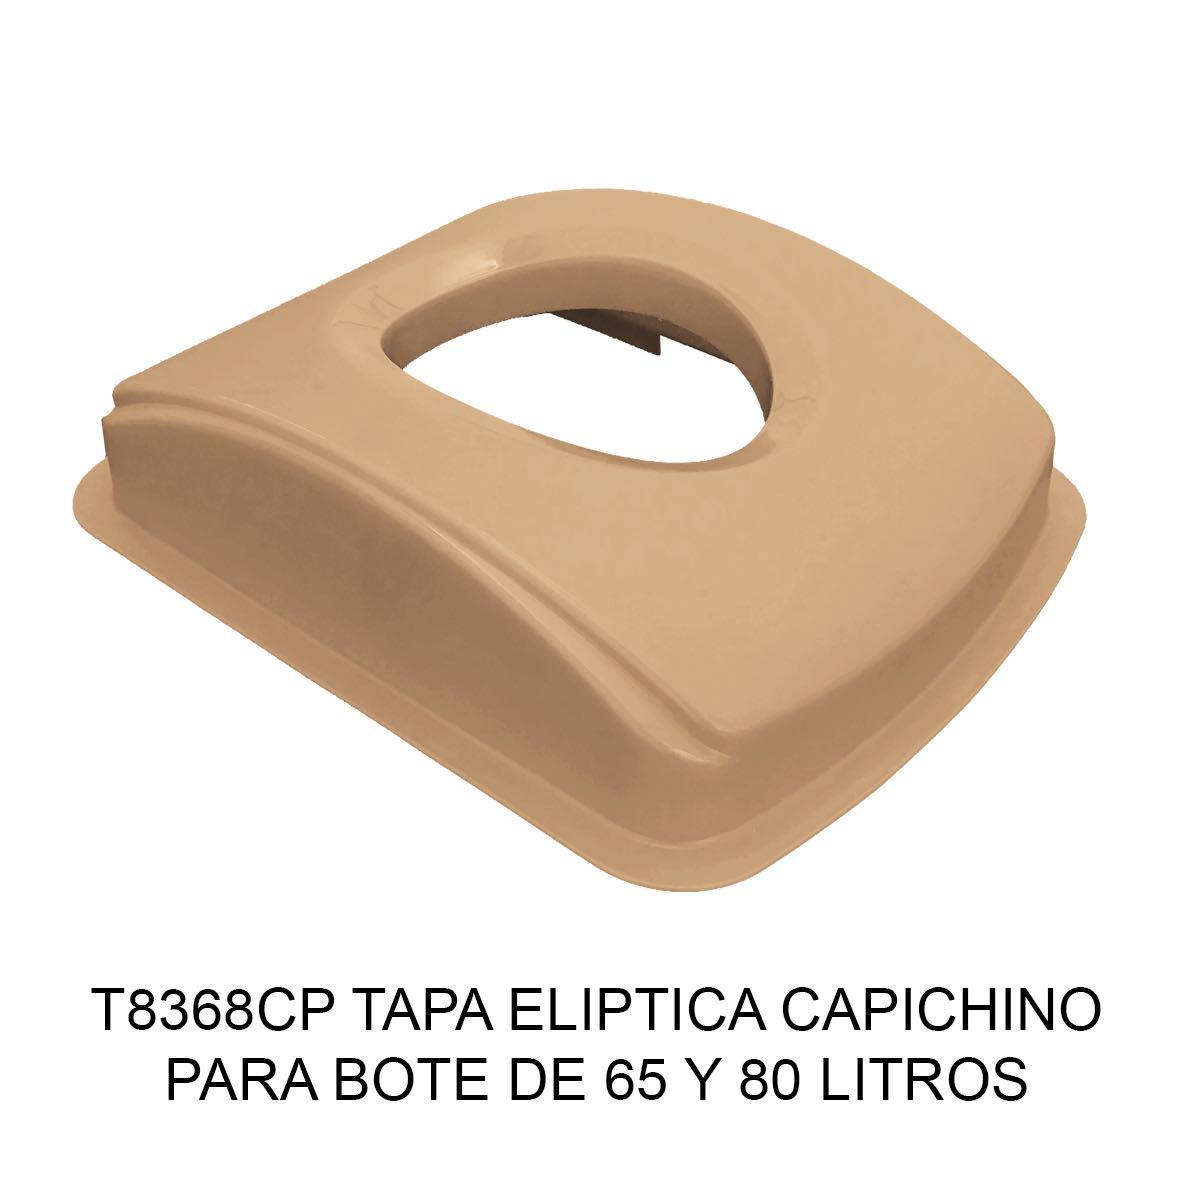 Tapa elíptica para bote de basura color capuchino para botes de 65 y 80 litros Modelo T8368CP de Sablón